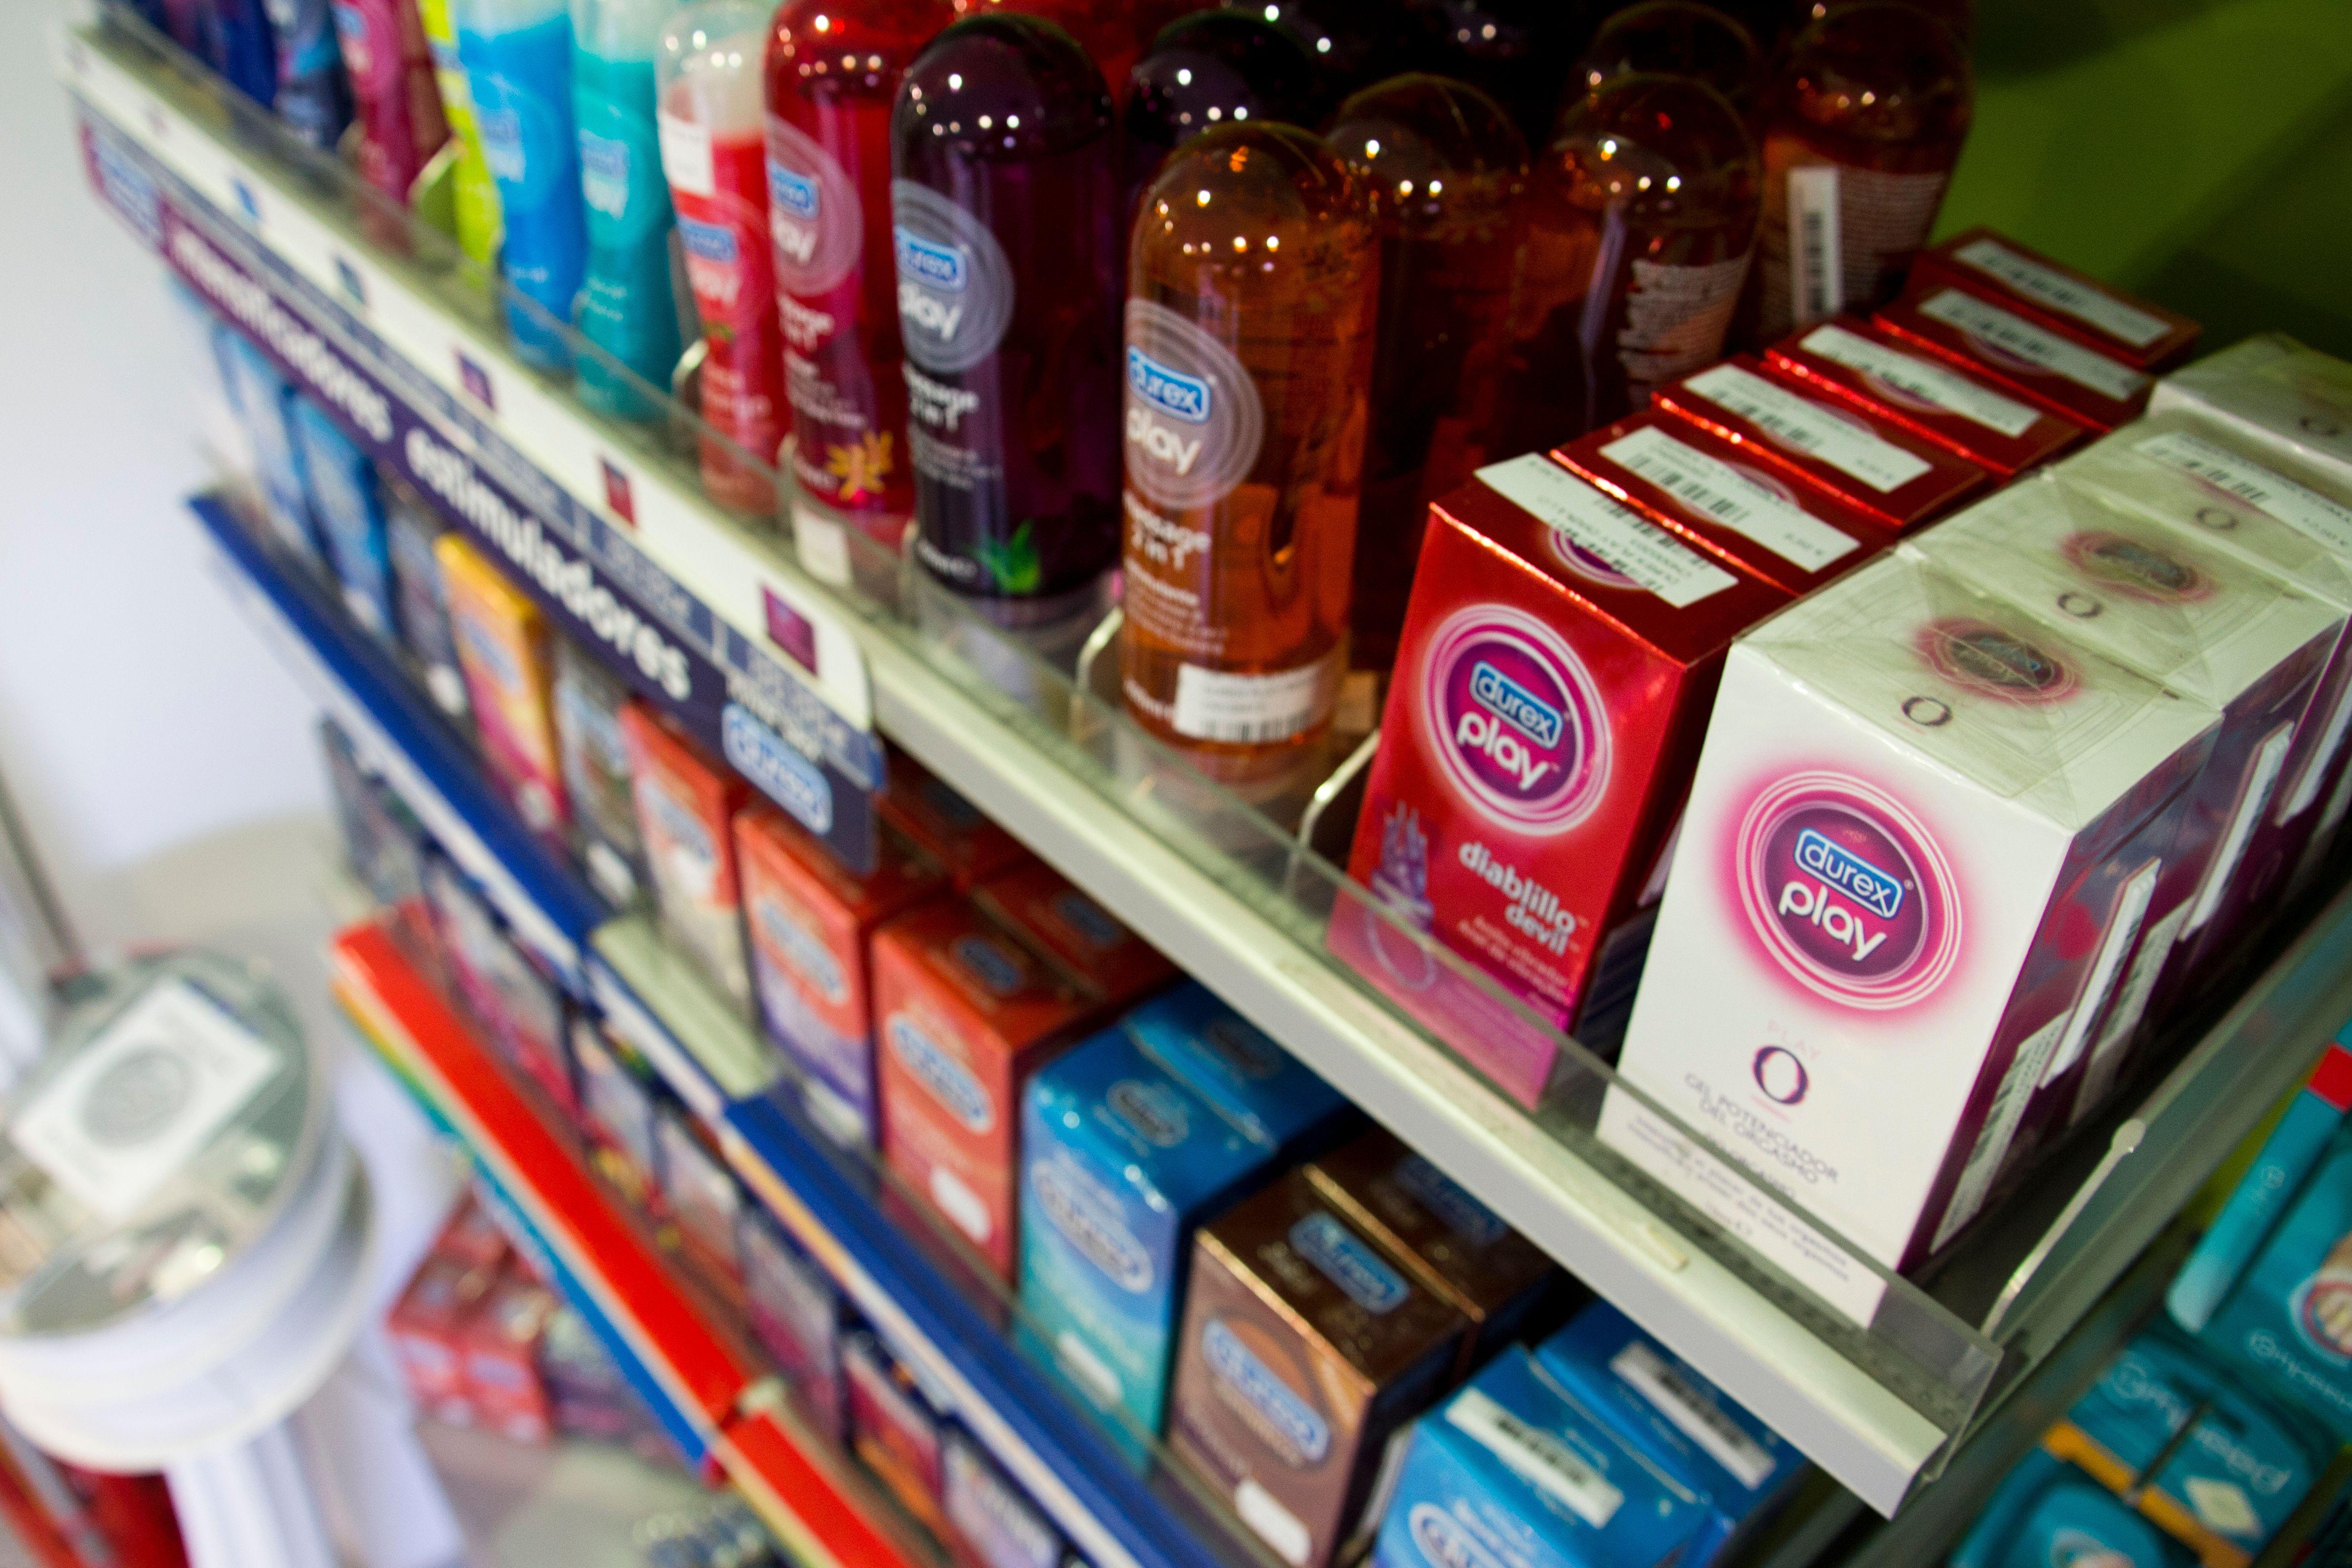 La farmacia con más variedad de preservativos de Valencia